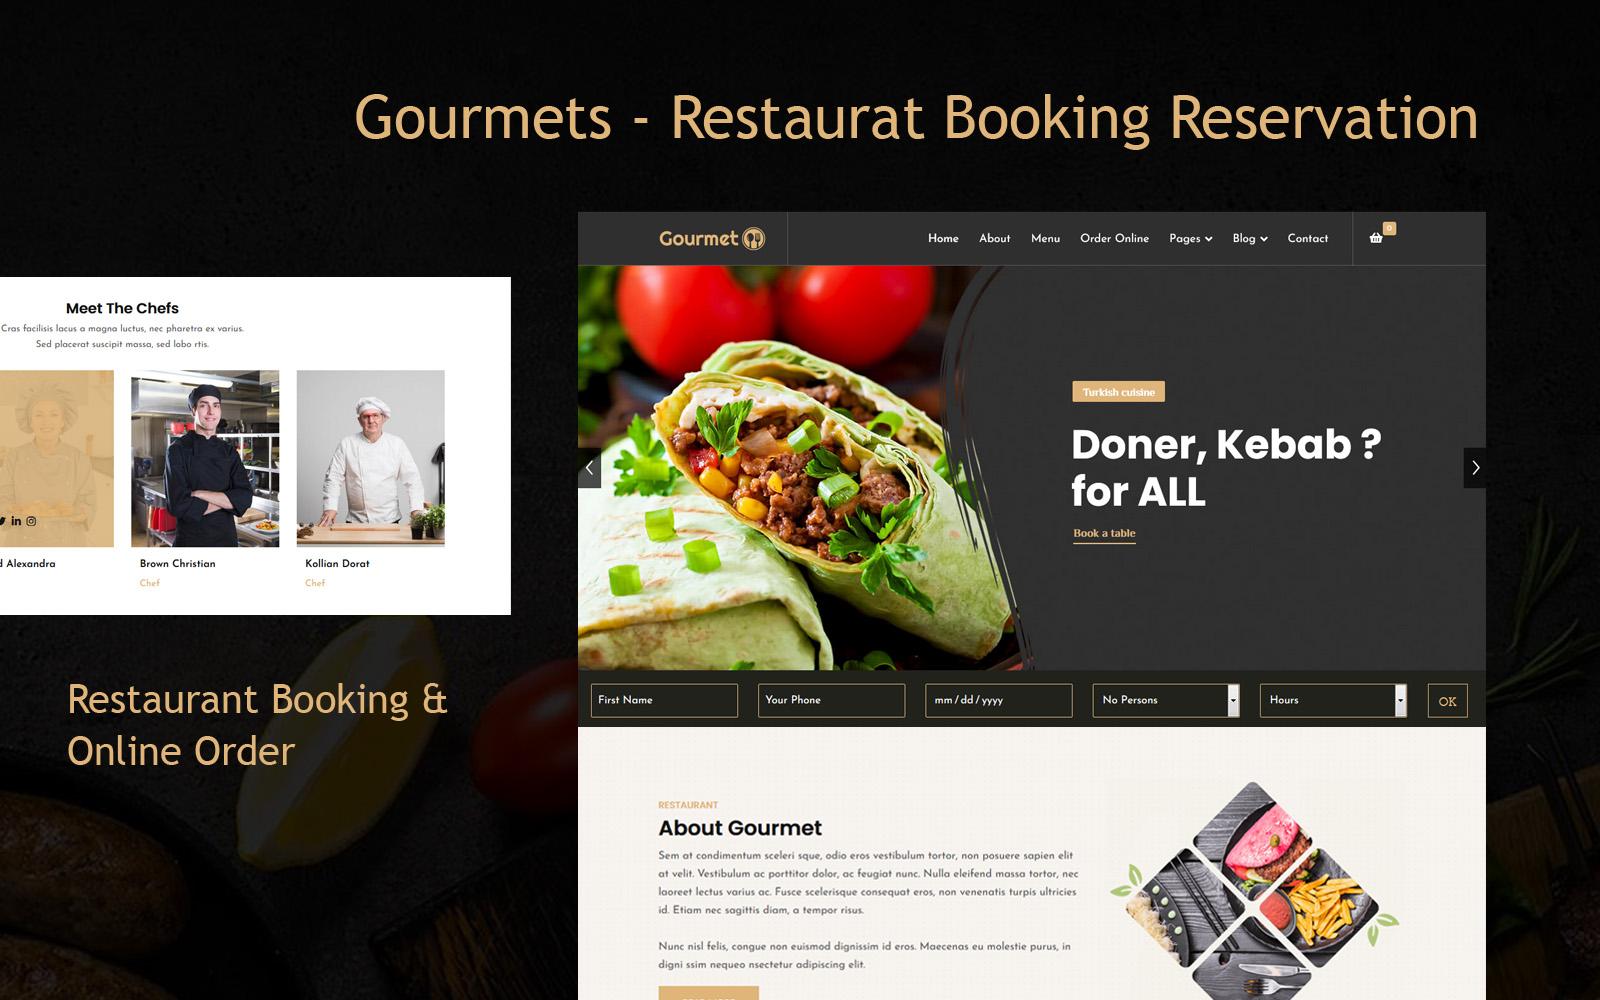 Reszponzív Gourmets - Restaurat Booking Reservation Joomla sablon 123376